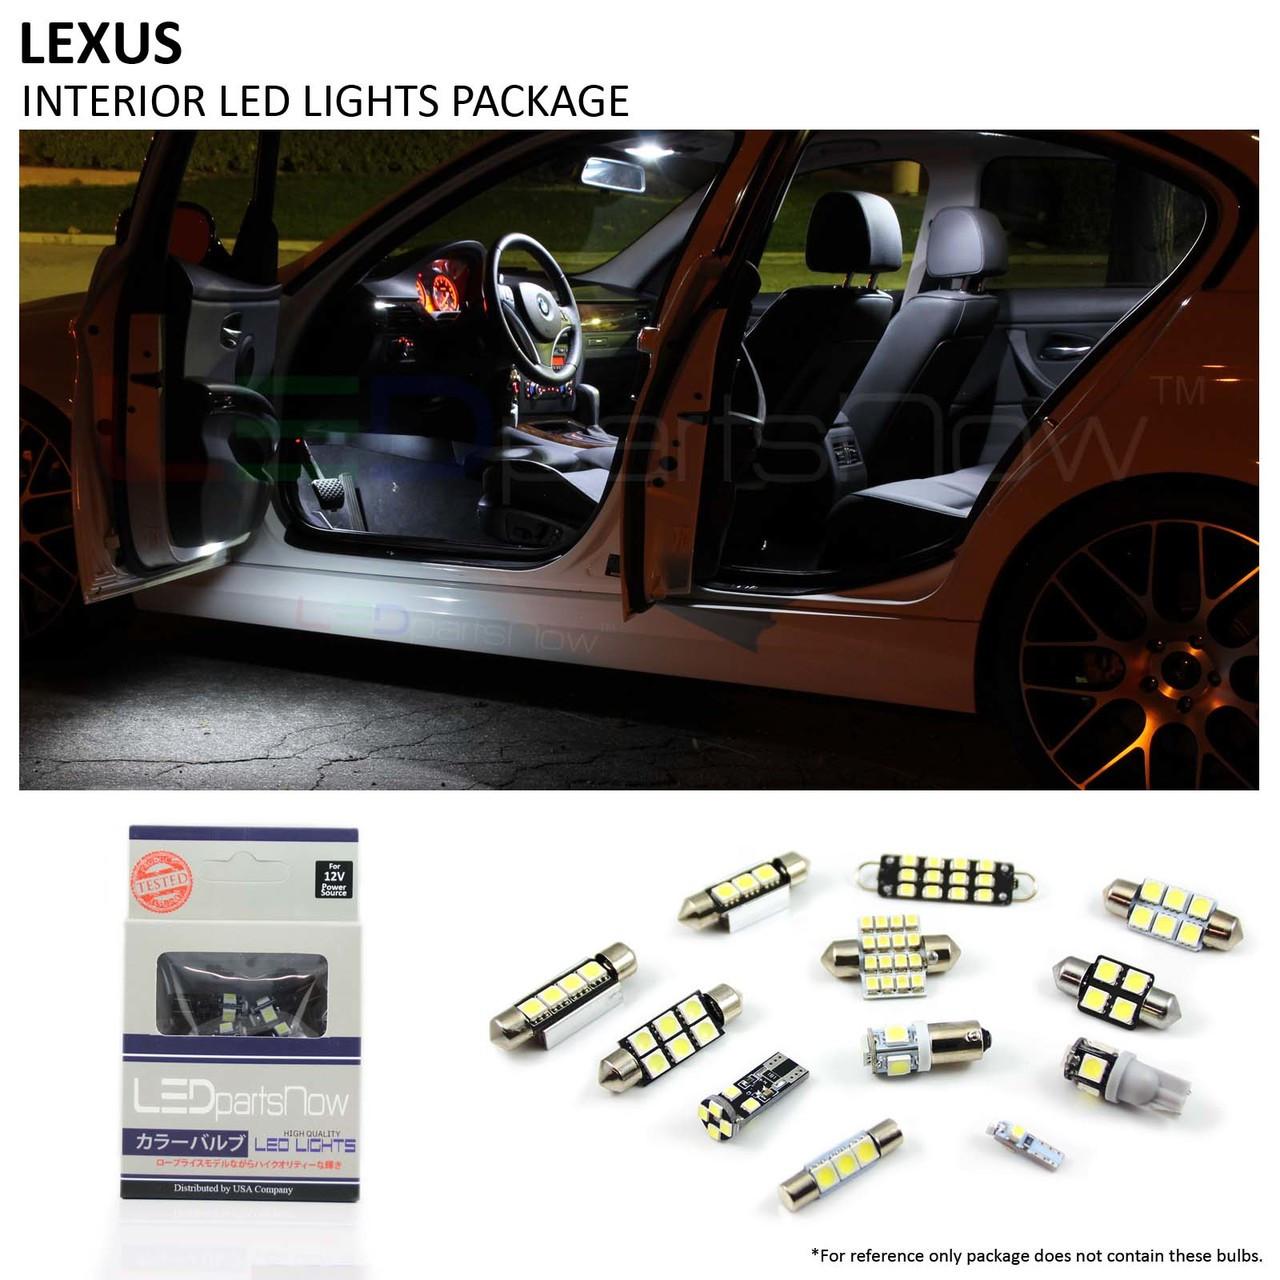 2004 lexus es300 interior